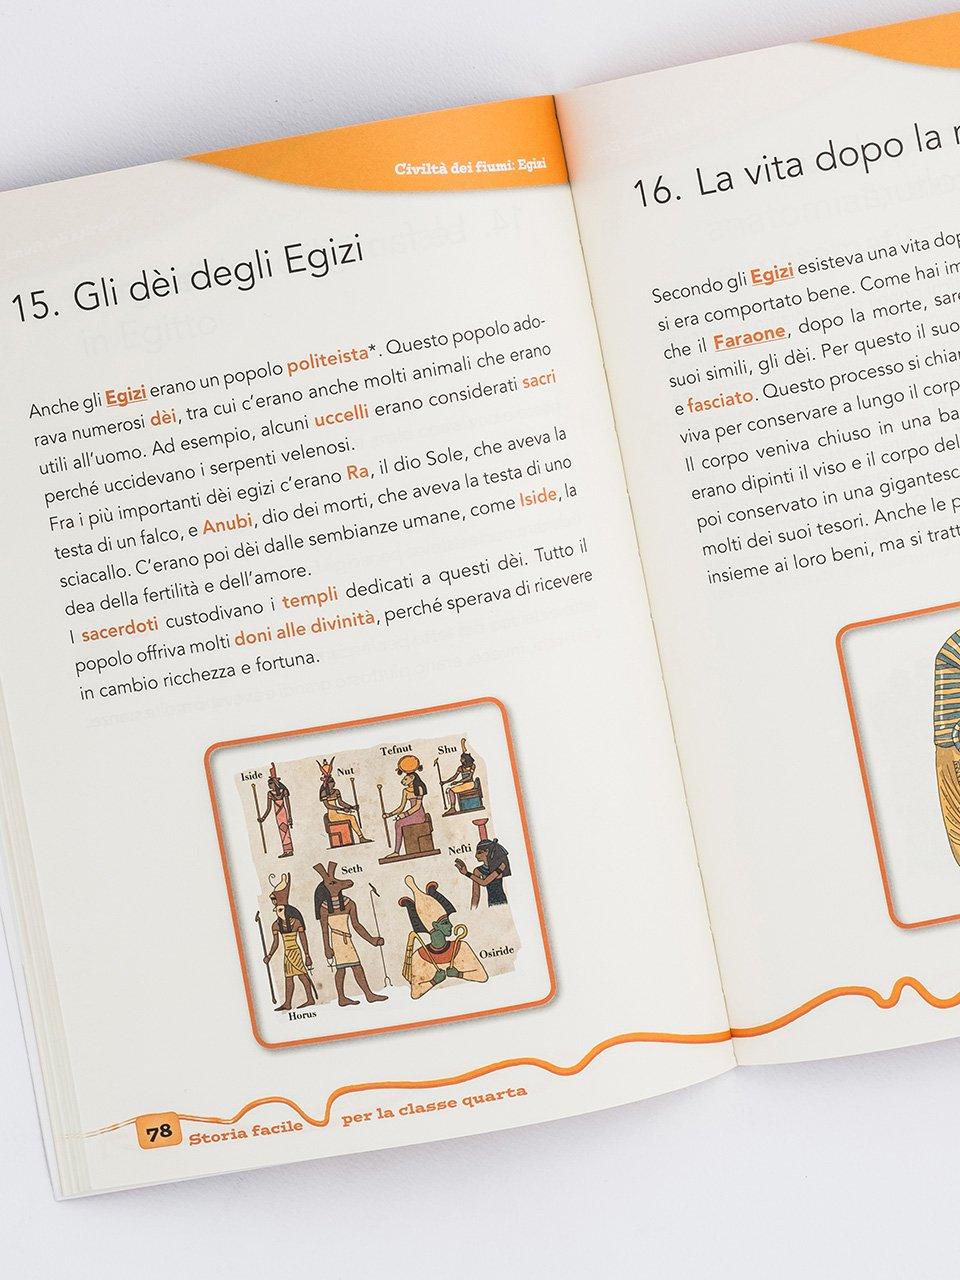 Storia facile per la classe quarta - Libri - App e software - Erickson 2